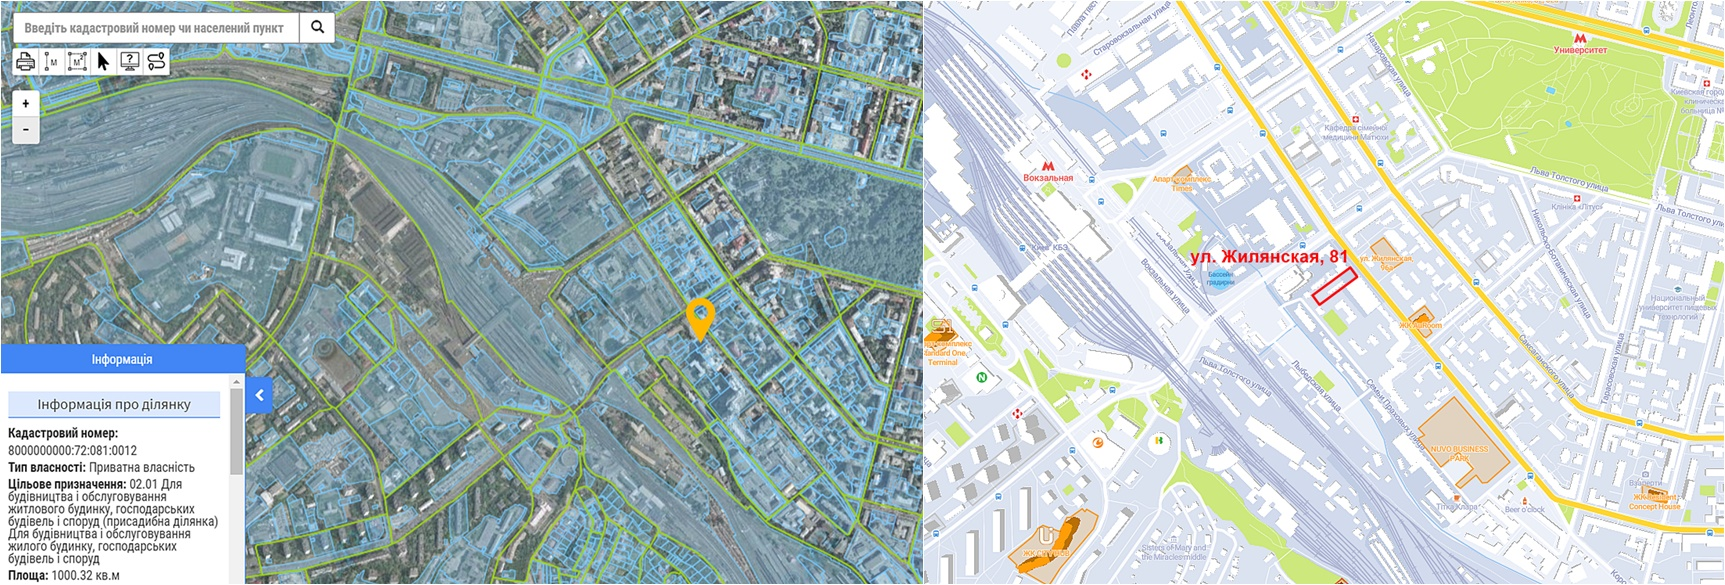 Проект многофункционального ЖК по ул. Жилянская, 81 данные кадастра и на карте